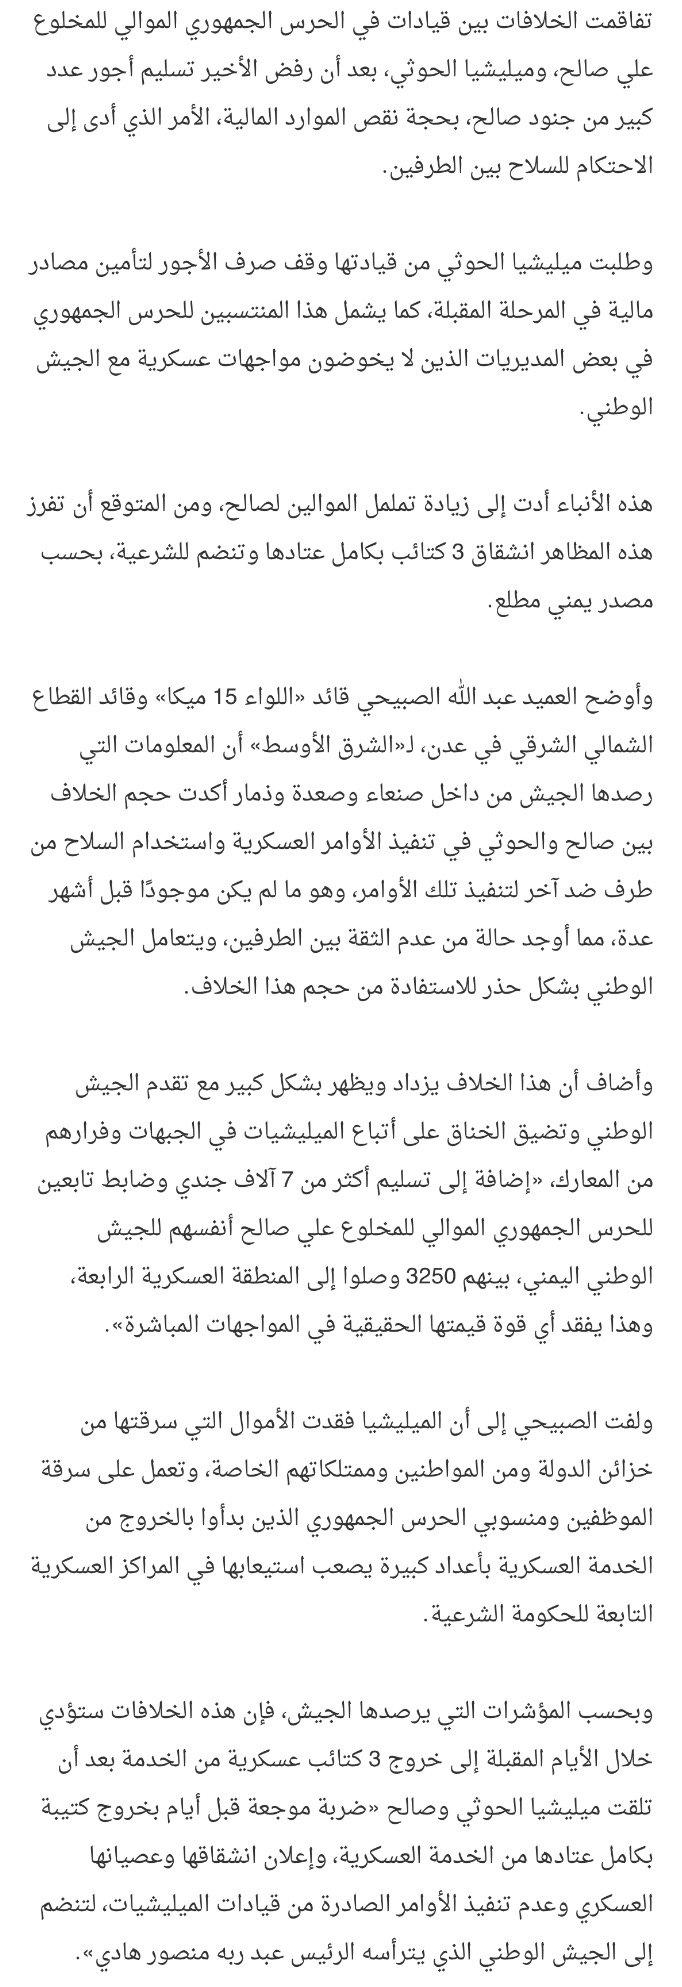 تفاقم الخلافات المالية يدفع ميليشيا صالح استخدام السلاح الحوثيين